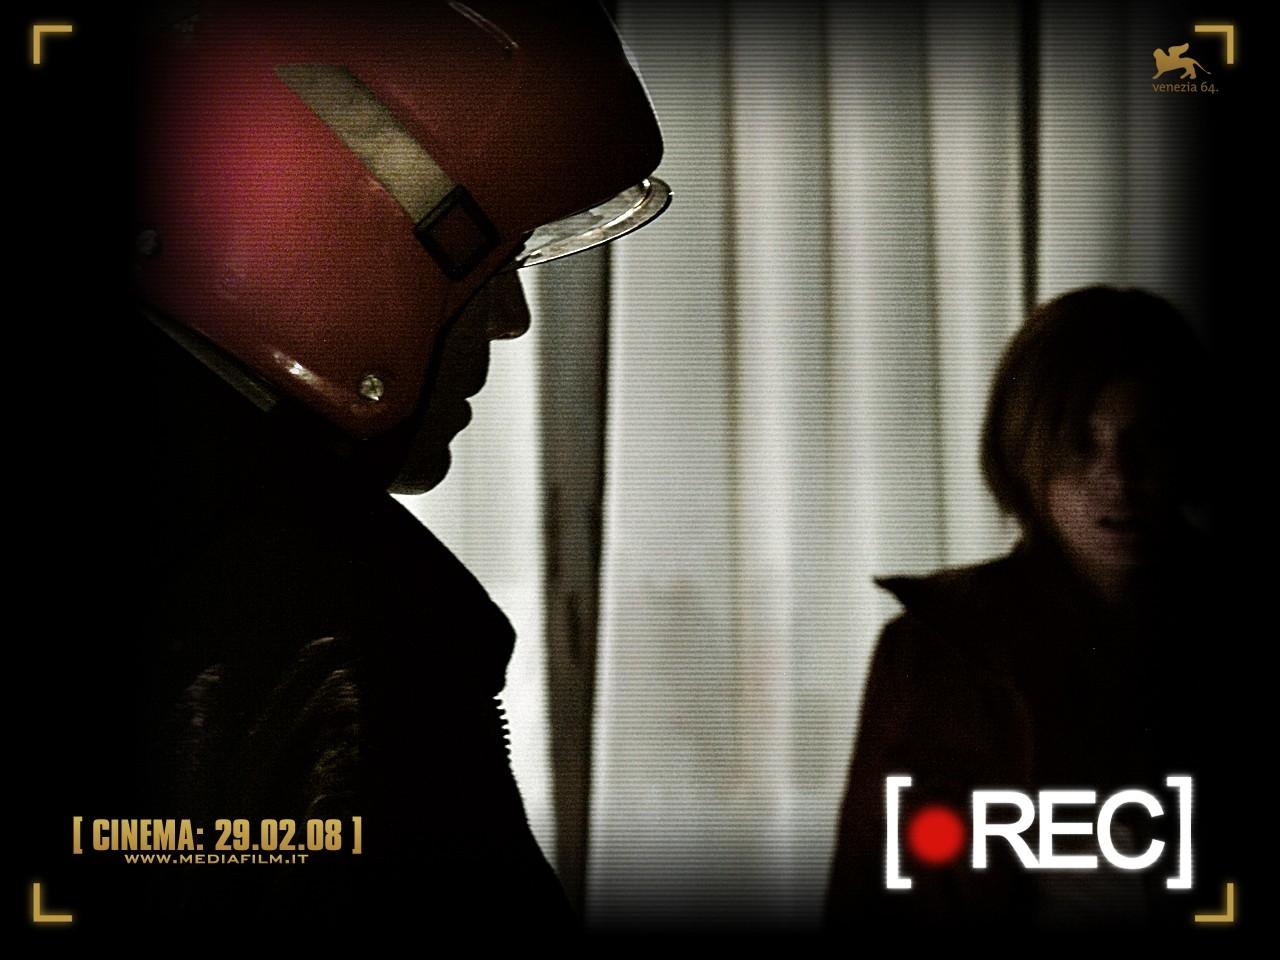 Wallpaper del film Rec - 7